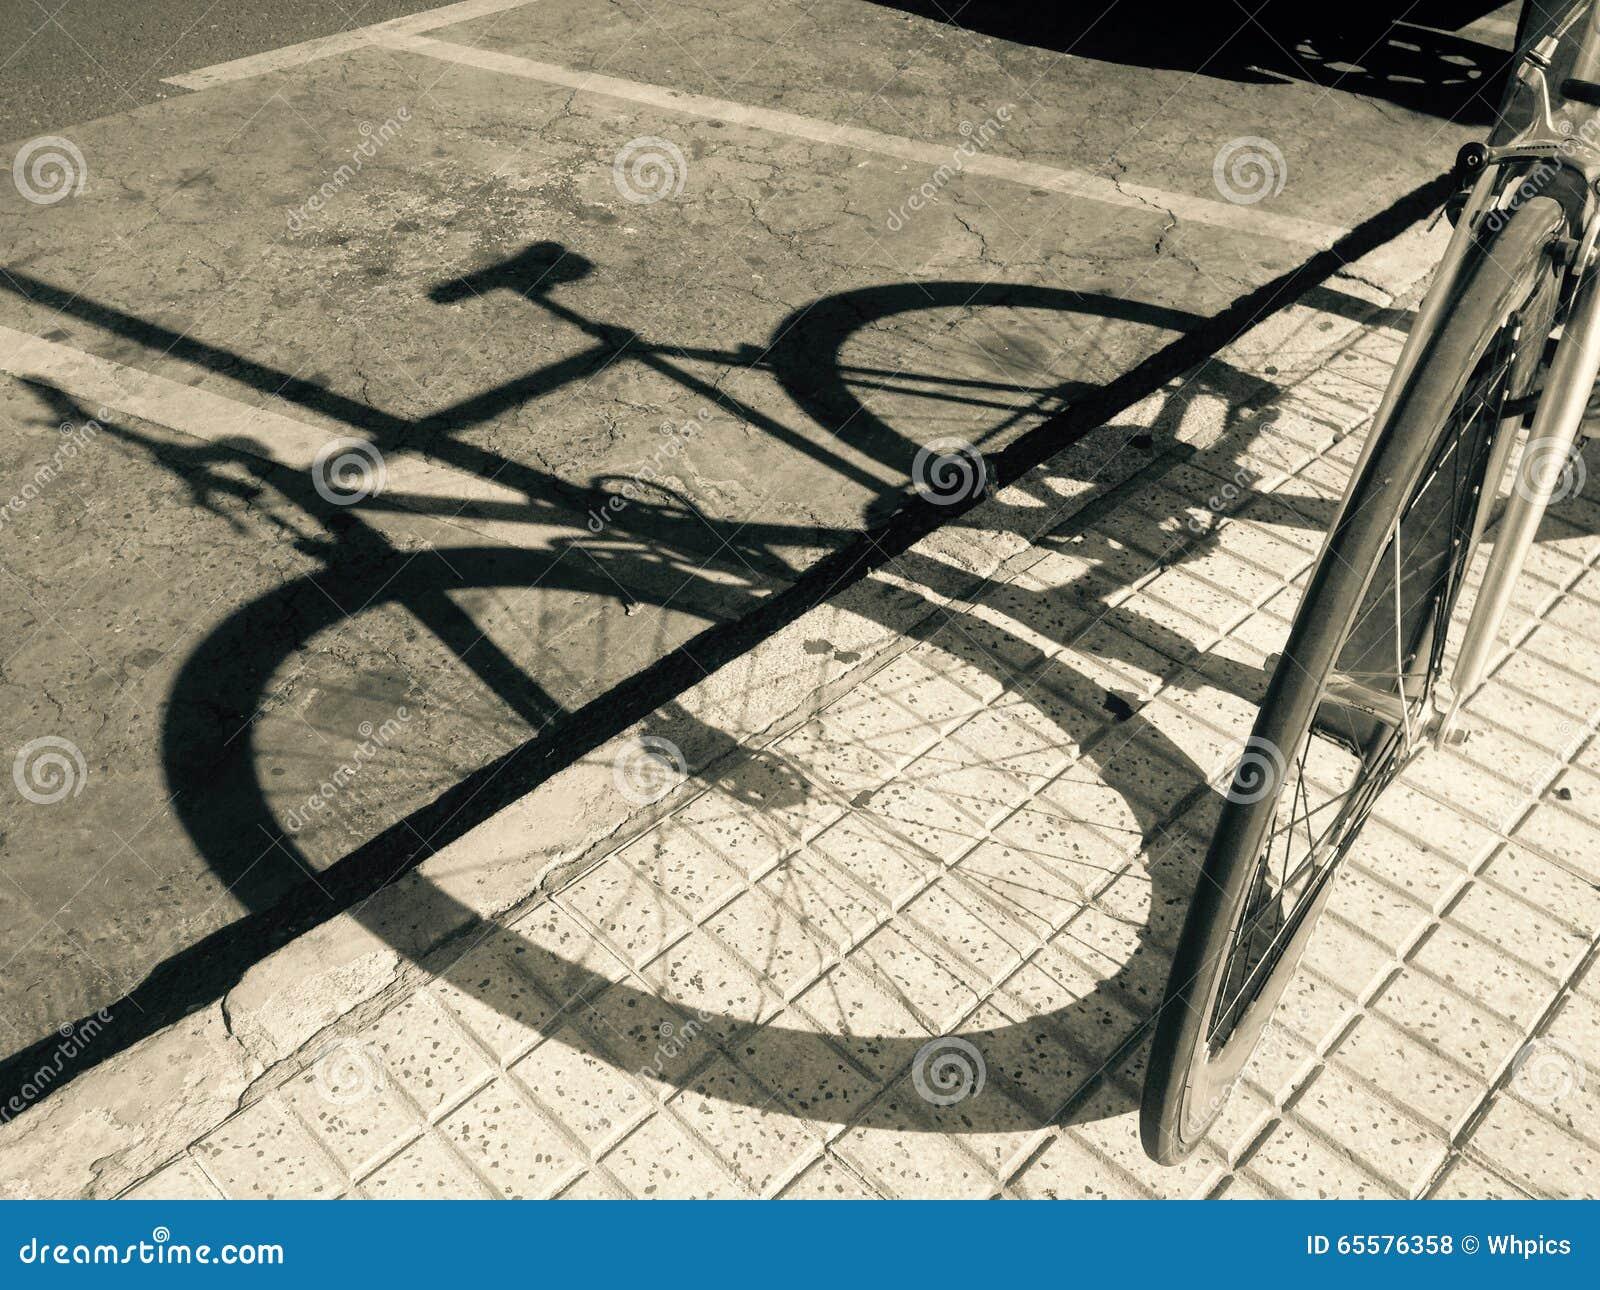 Sombra da bicicleta estacionada sobre a estrada asfaltada